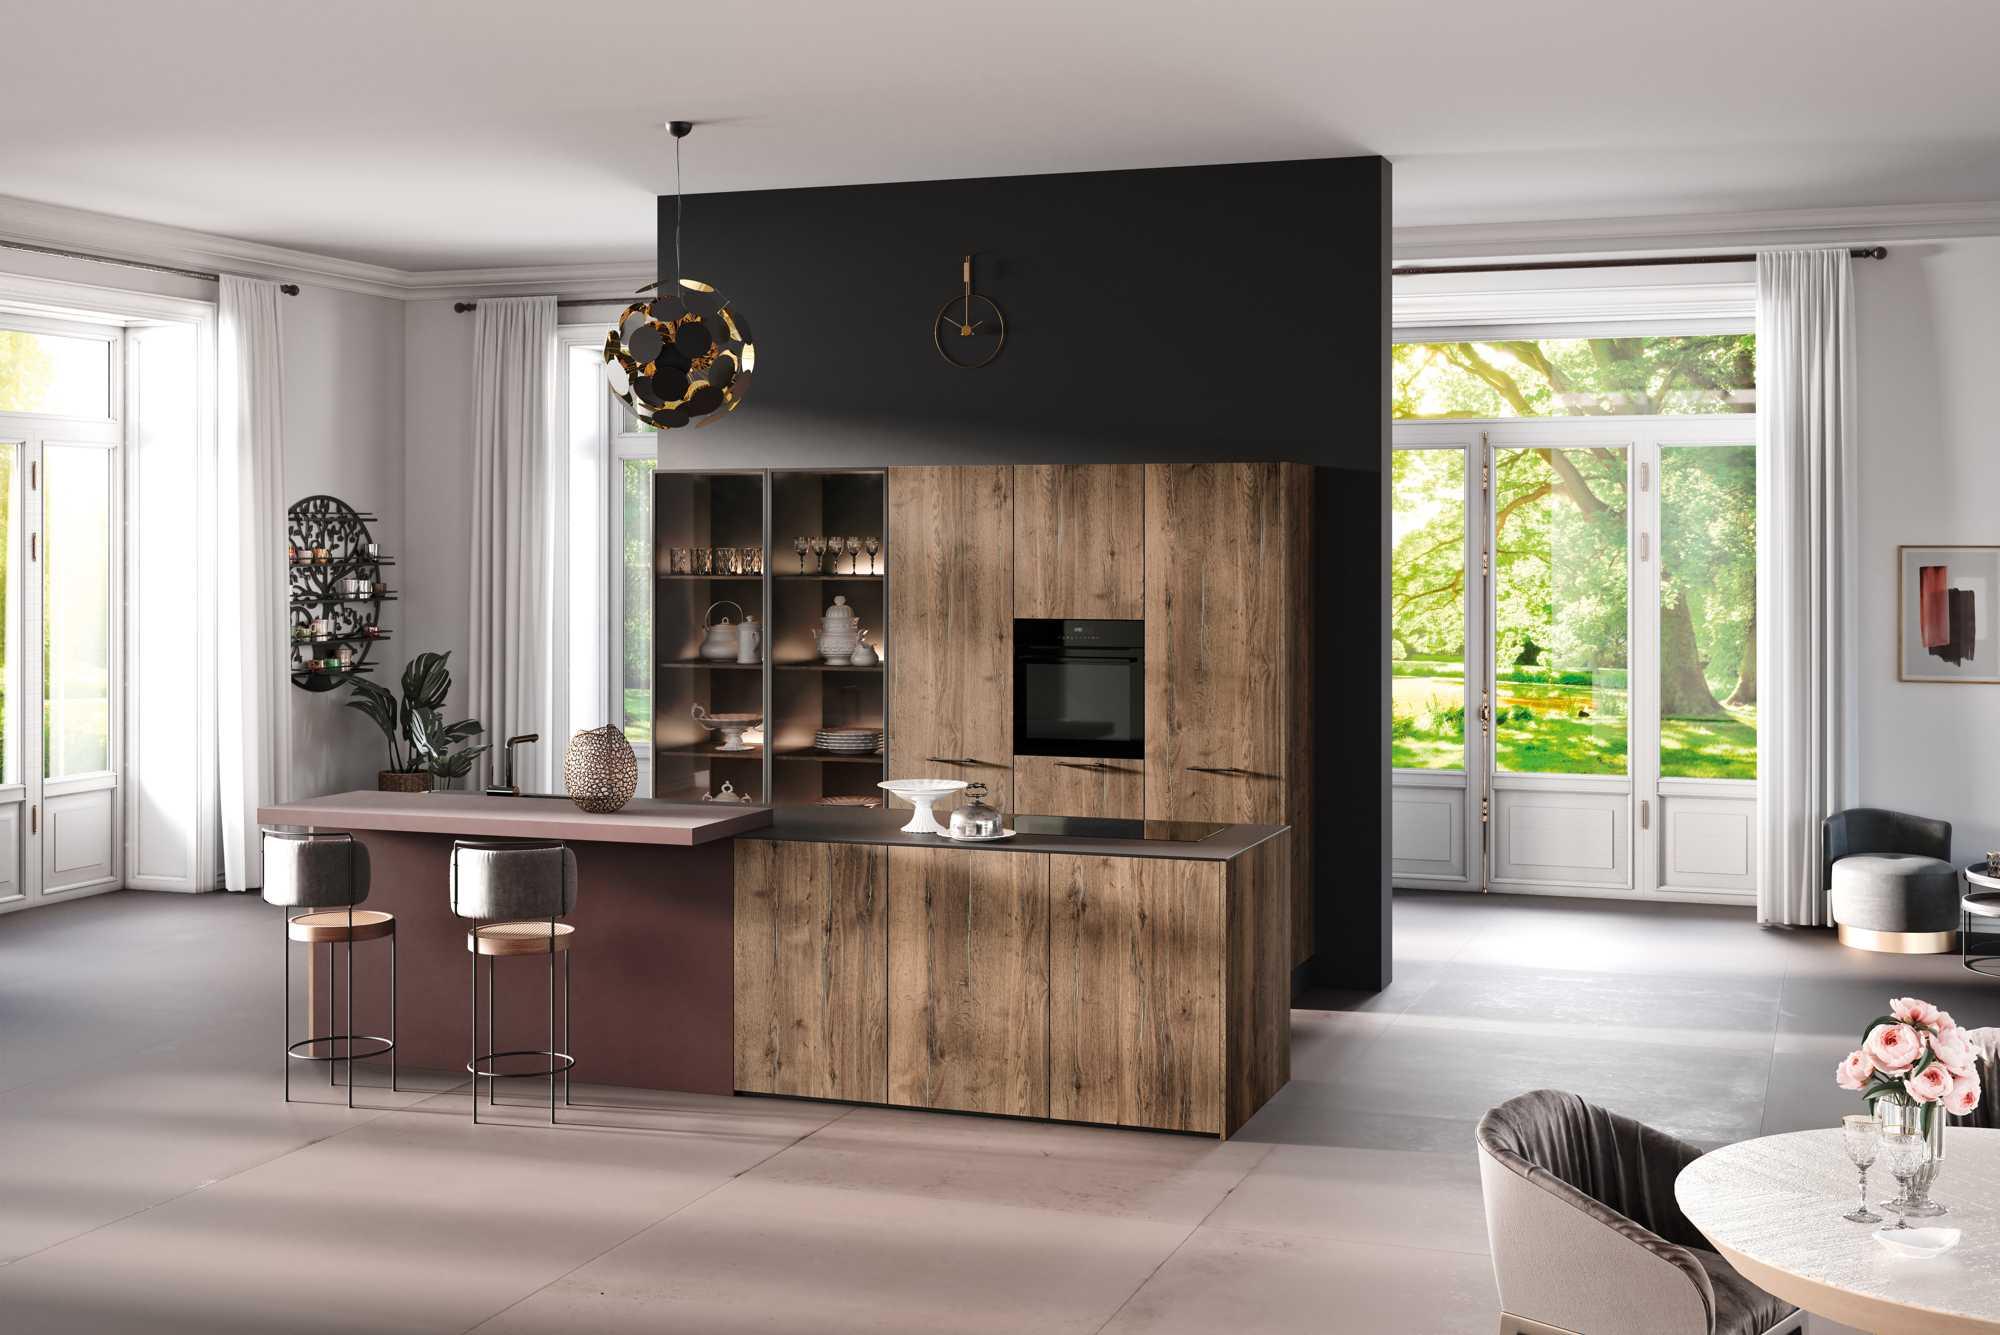 ZeroxTinfilledOak Kitchen With Tall Glass Larder Units